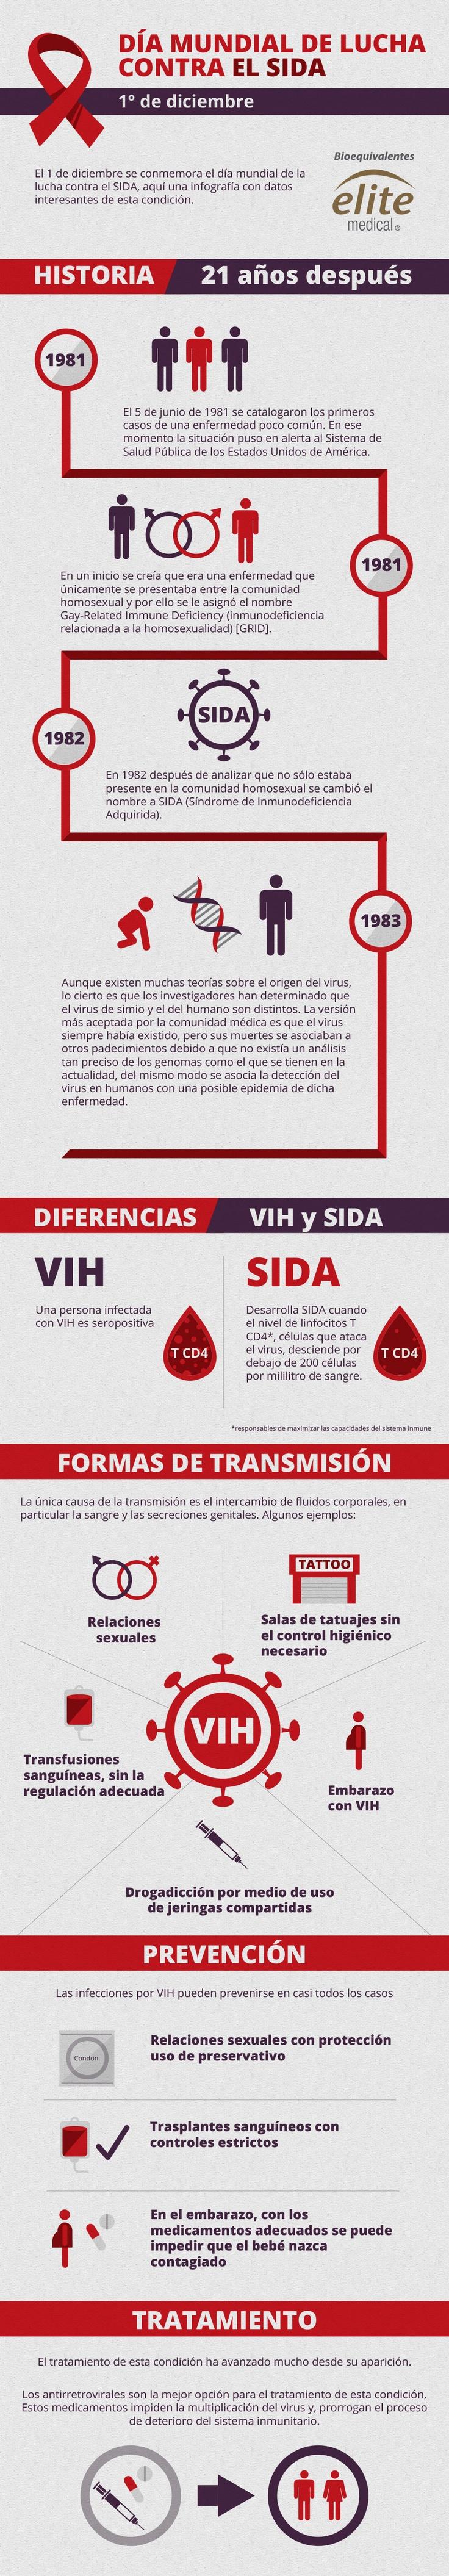 A propósito del día mundial de la lucha contra el Sida, te dejamos está infografia con todos los datos que debes conocer para evitar la enfermedad: